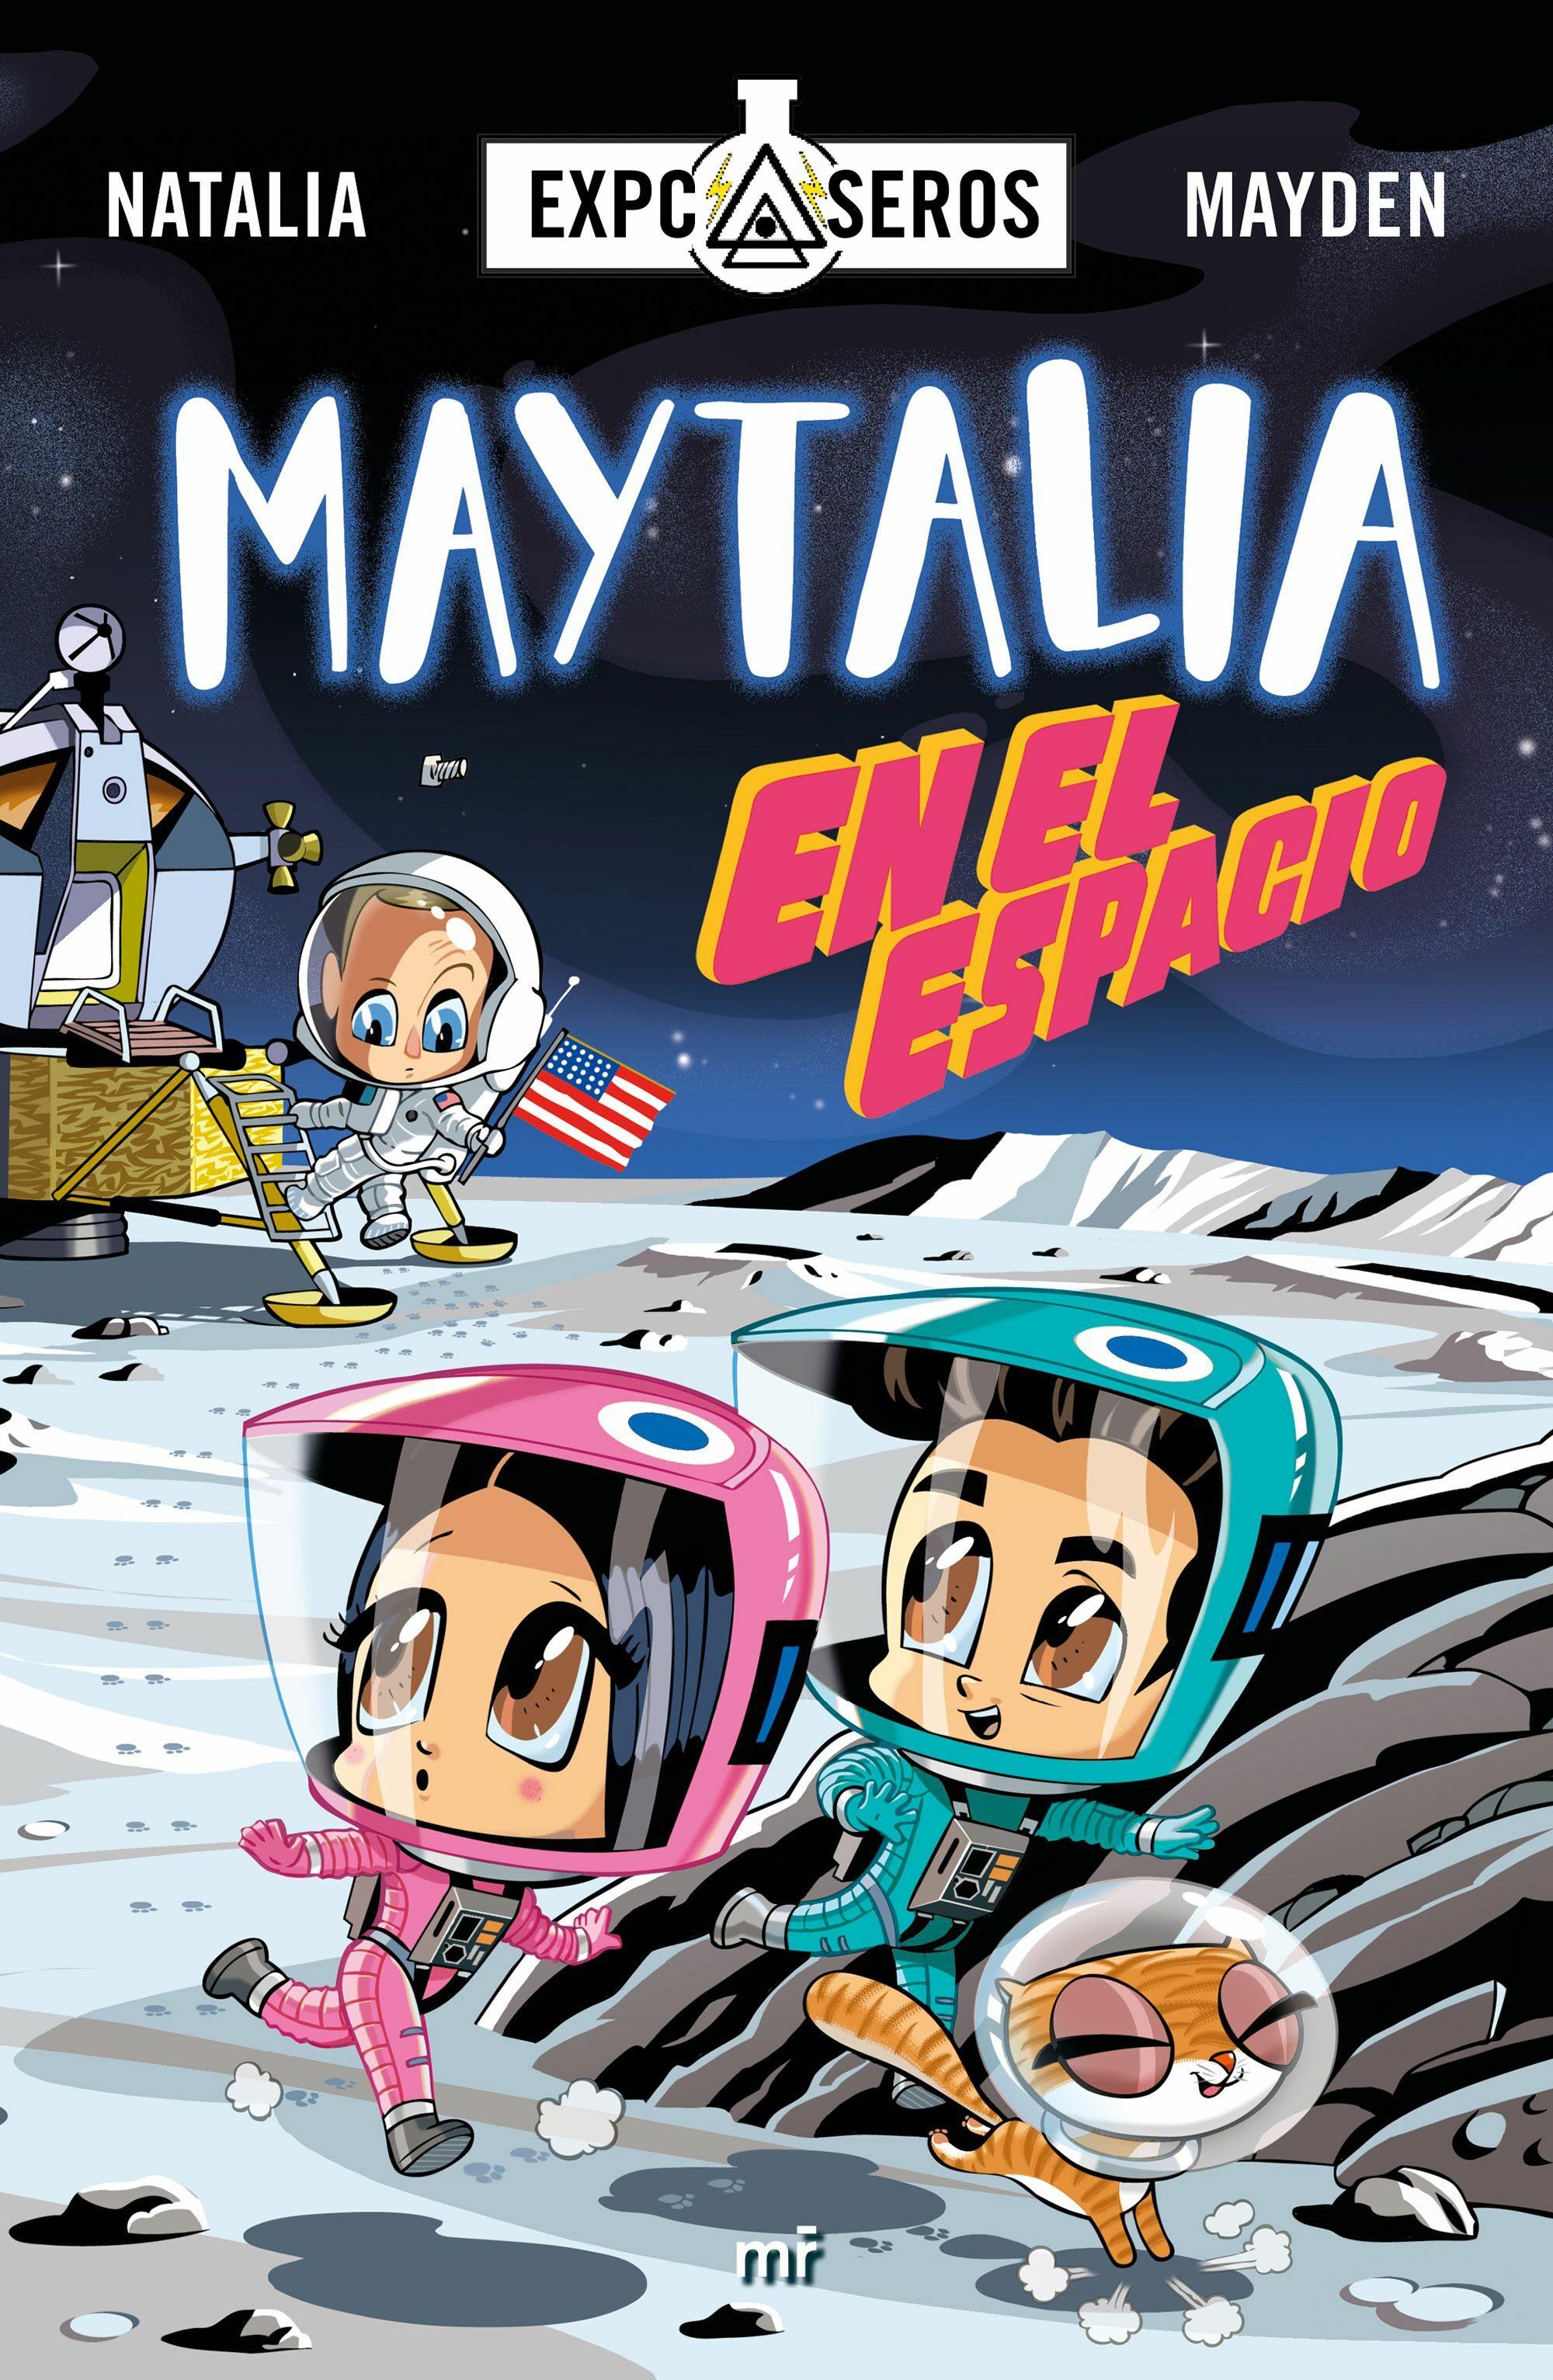 Maytalia En El Espacio por Natalia;                                                                                    Mayden